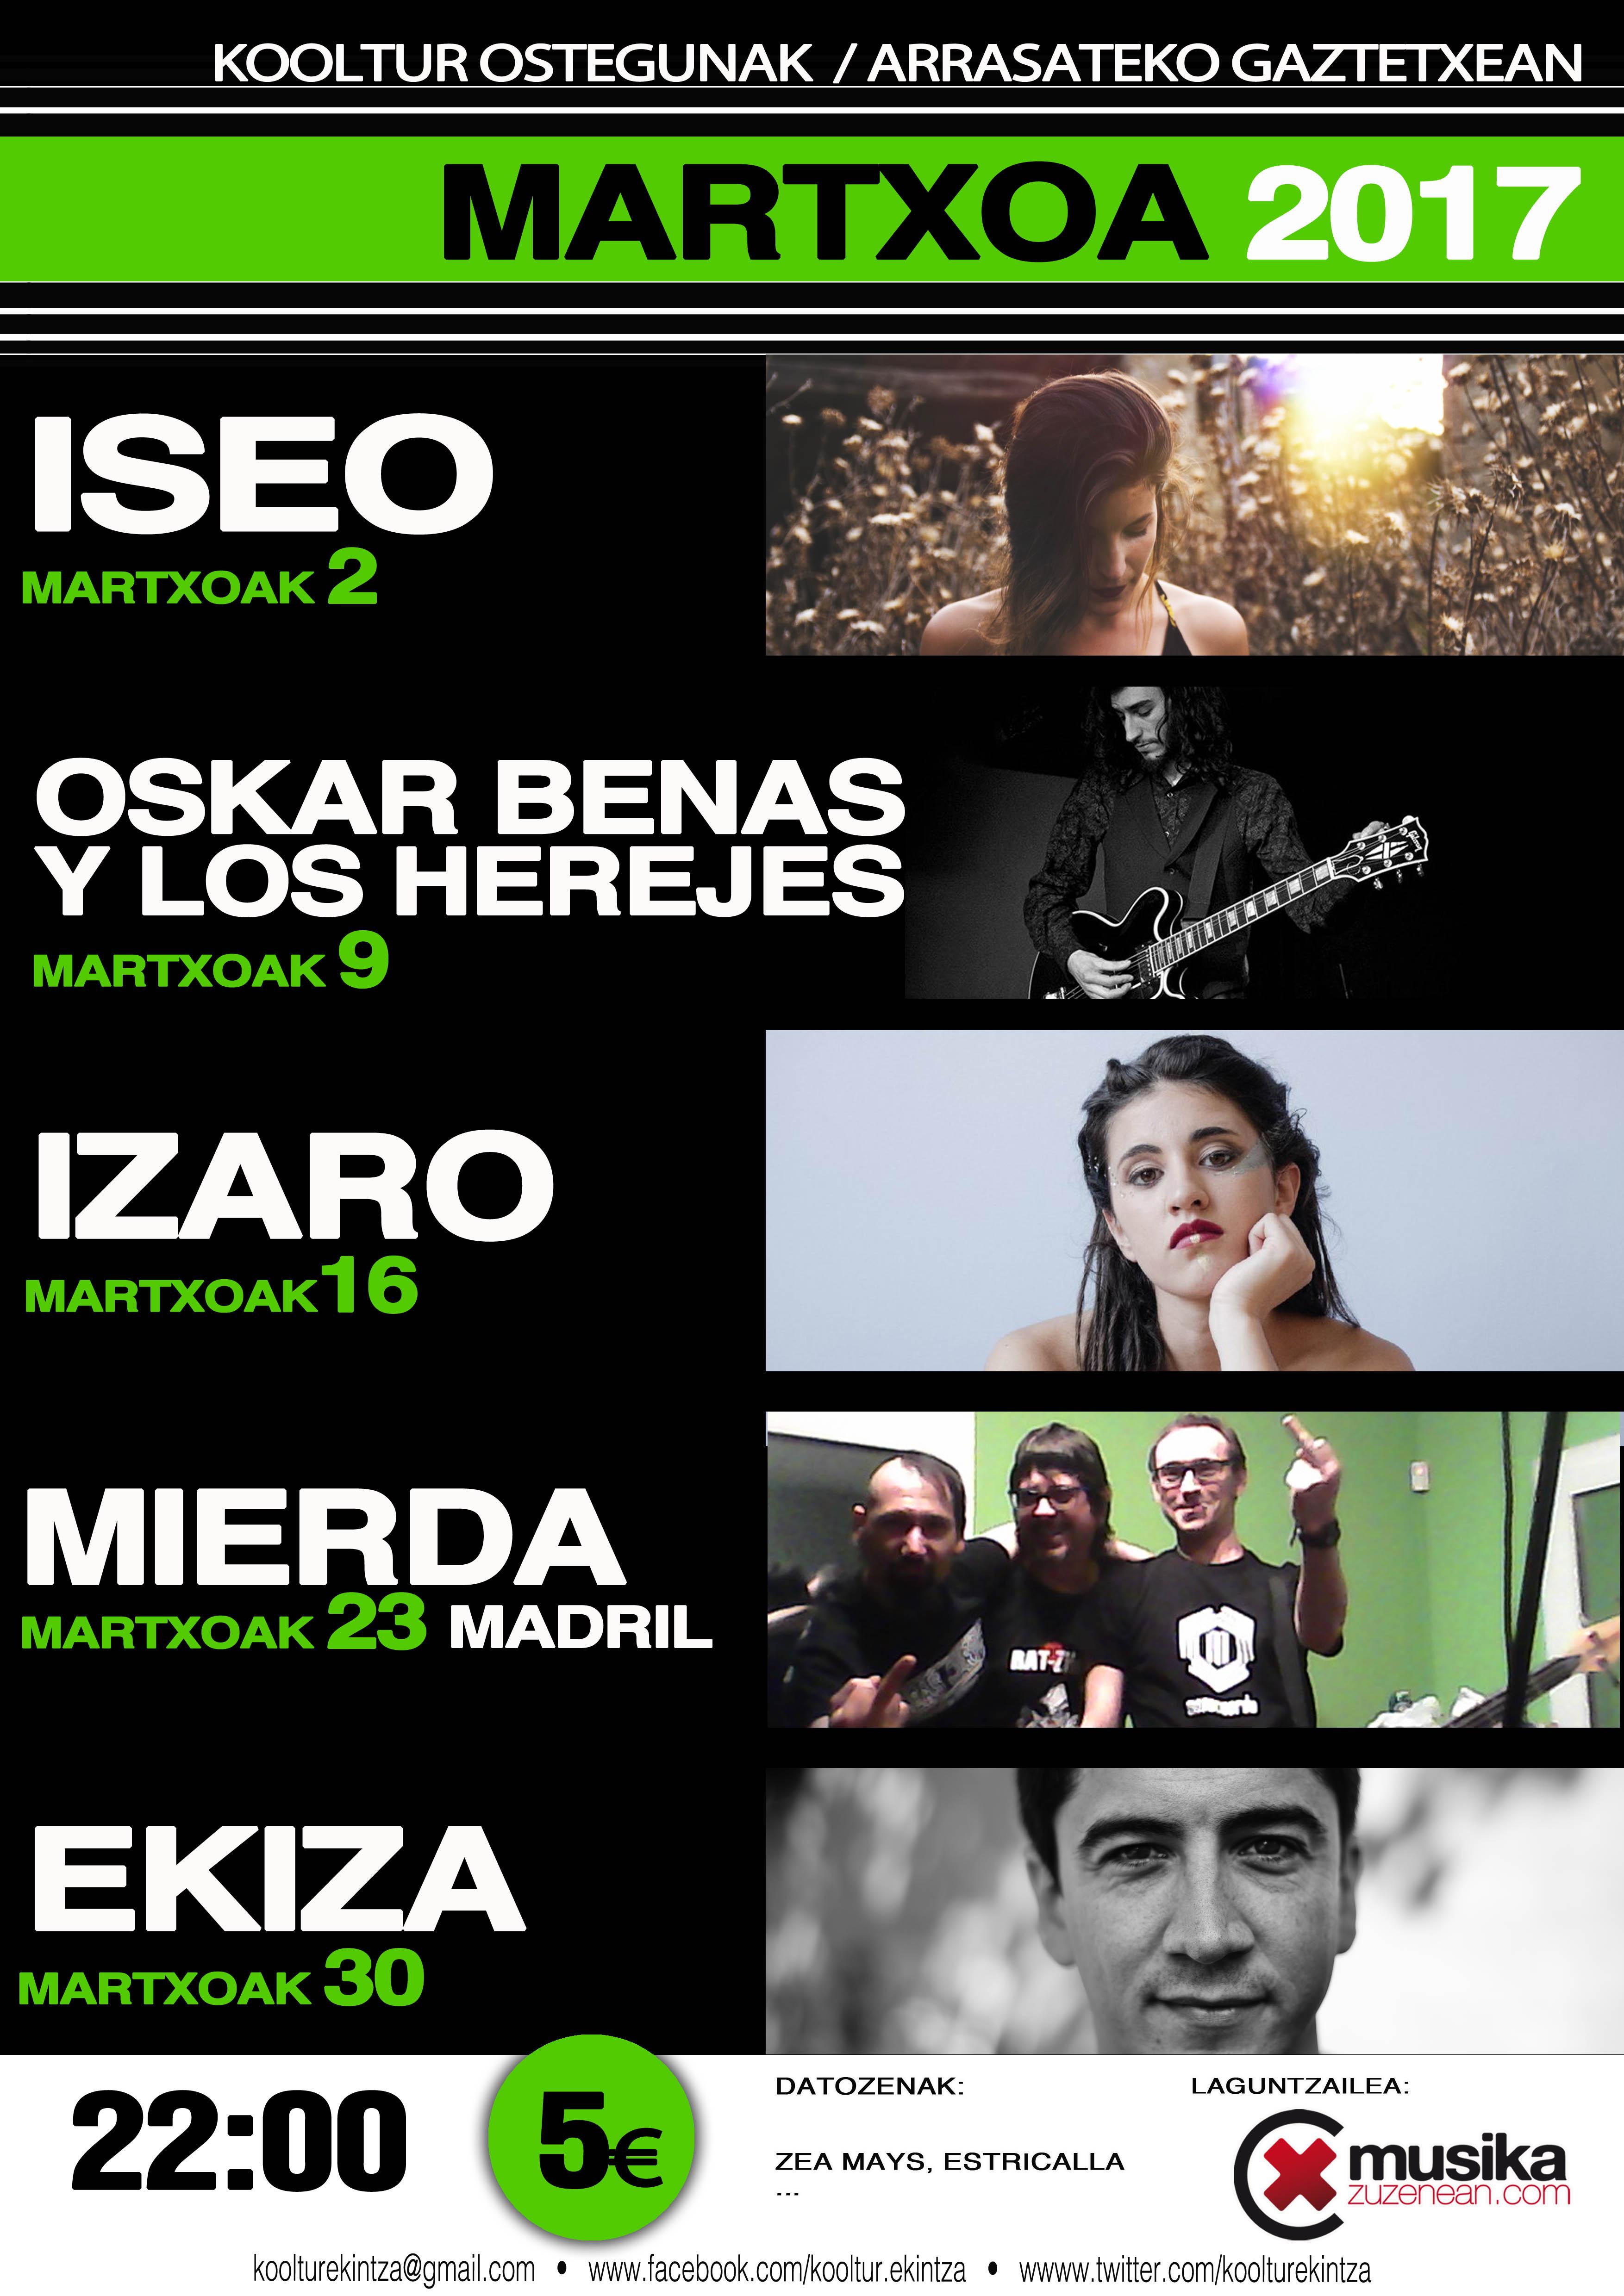 Oskar Benas y Los Herejes